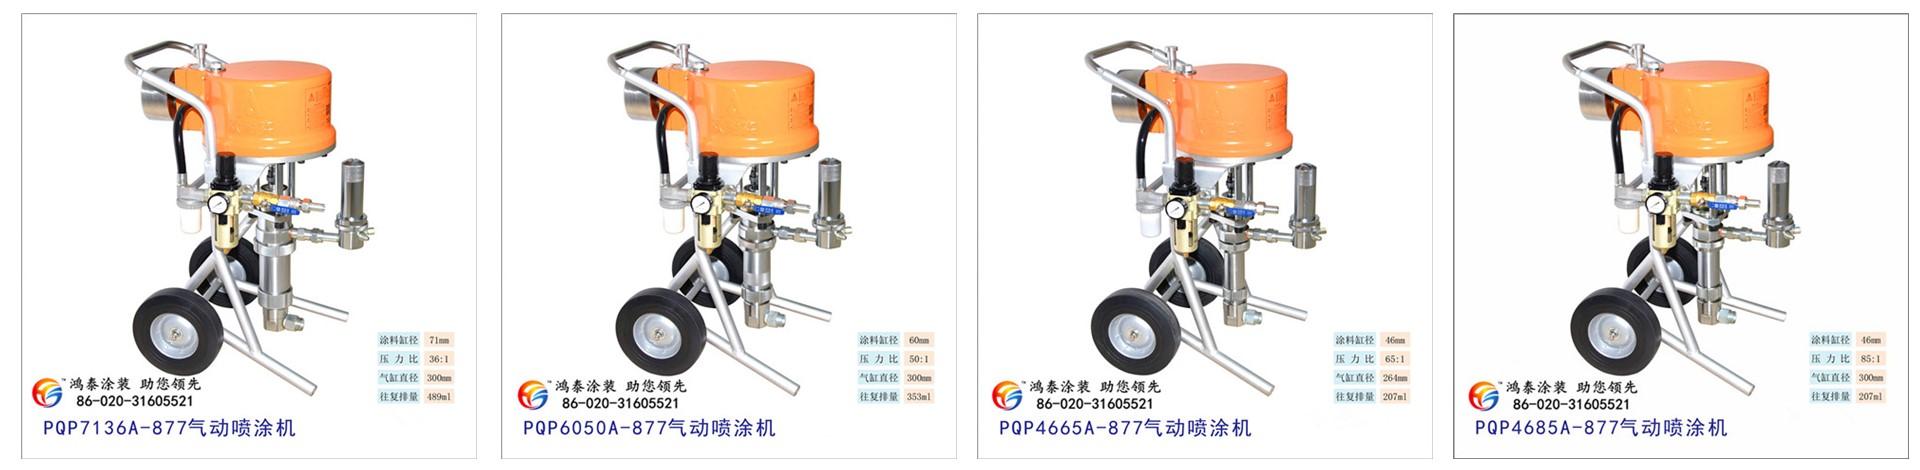 广东鸿泰涂装设备科技有限公司